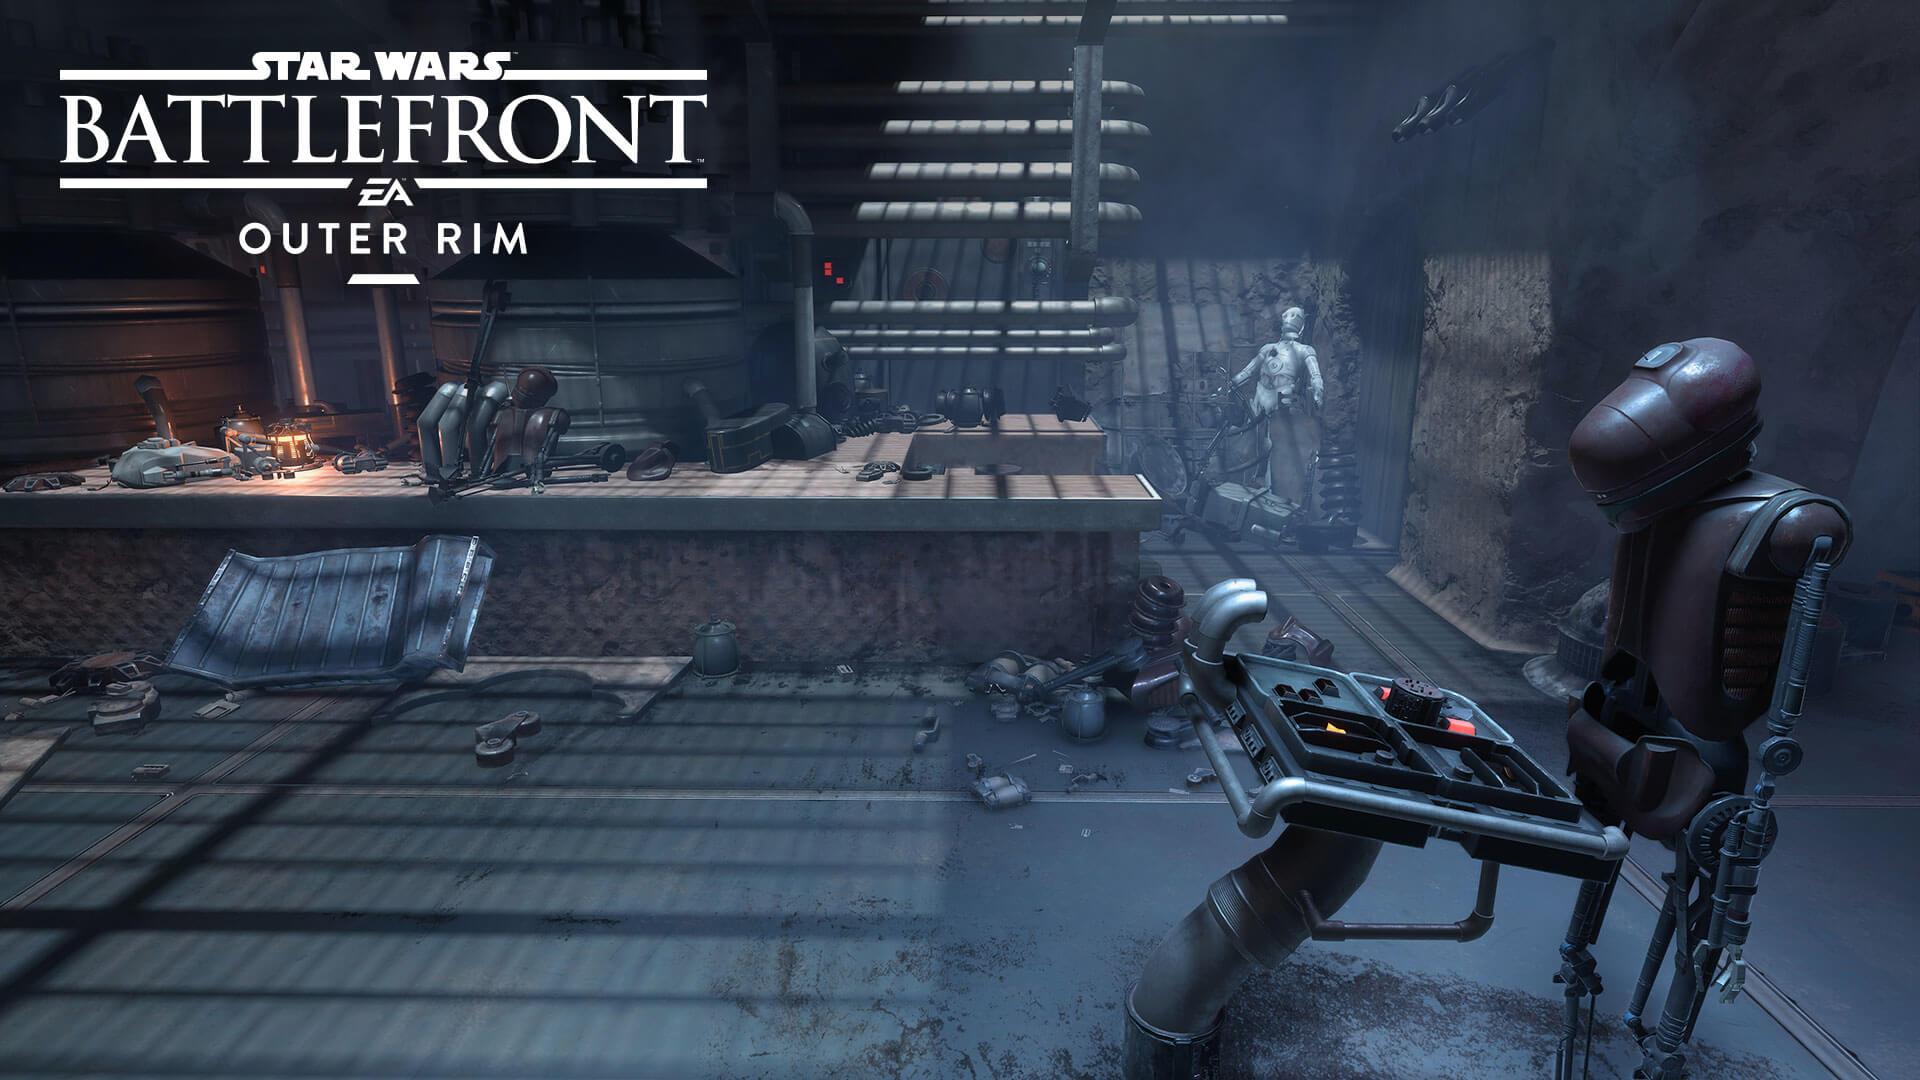 Battlefront Outer Rim